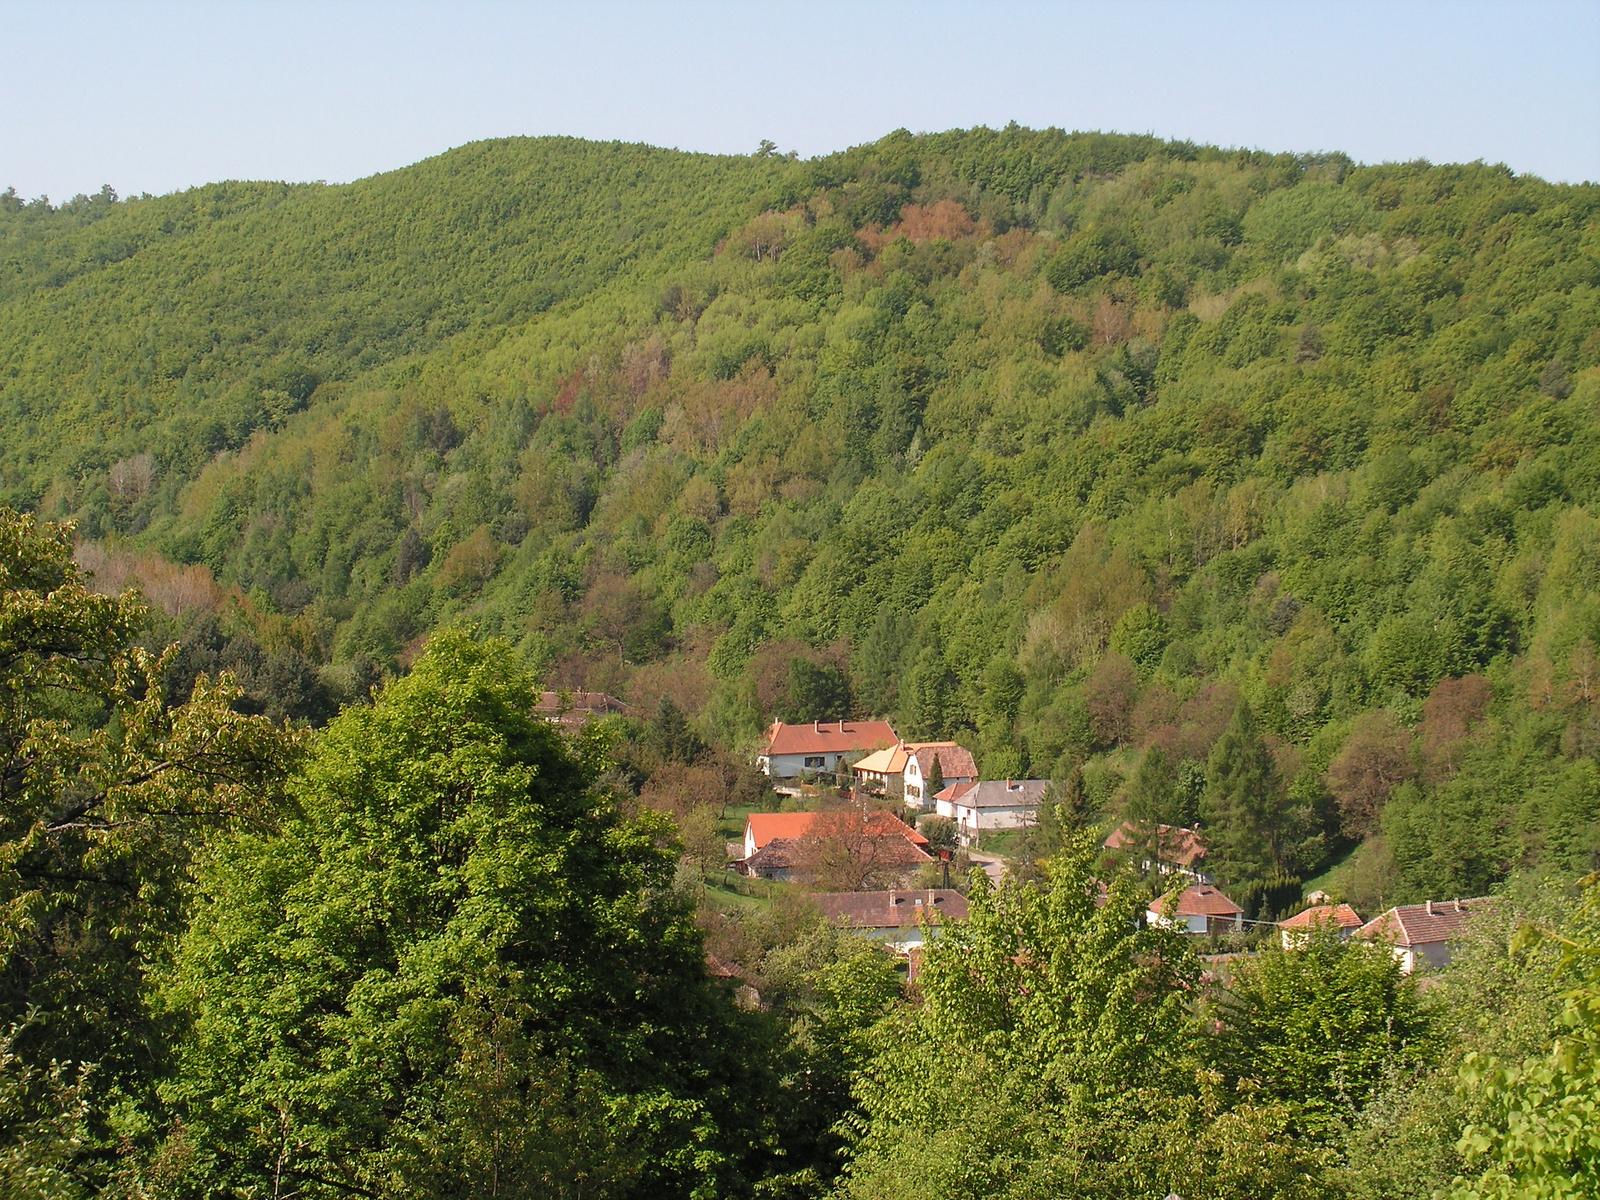 337 Nagyhuta házai a völgyben